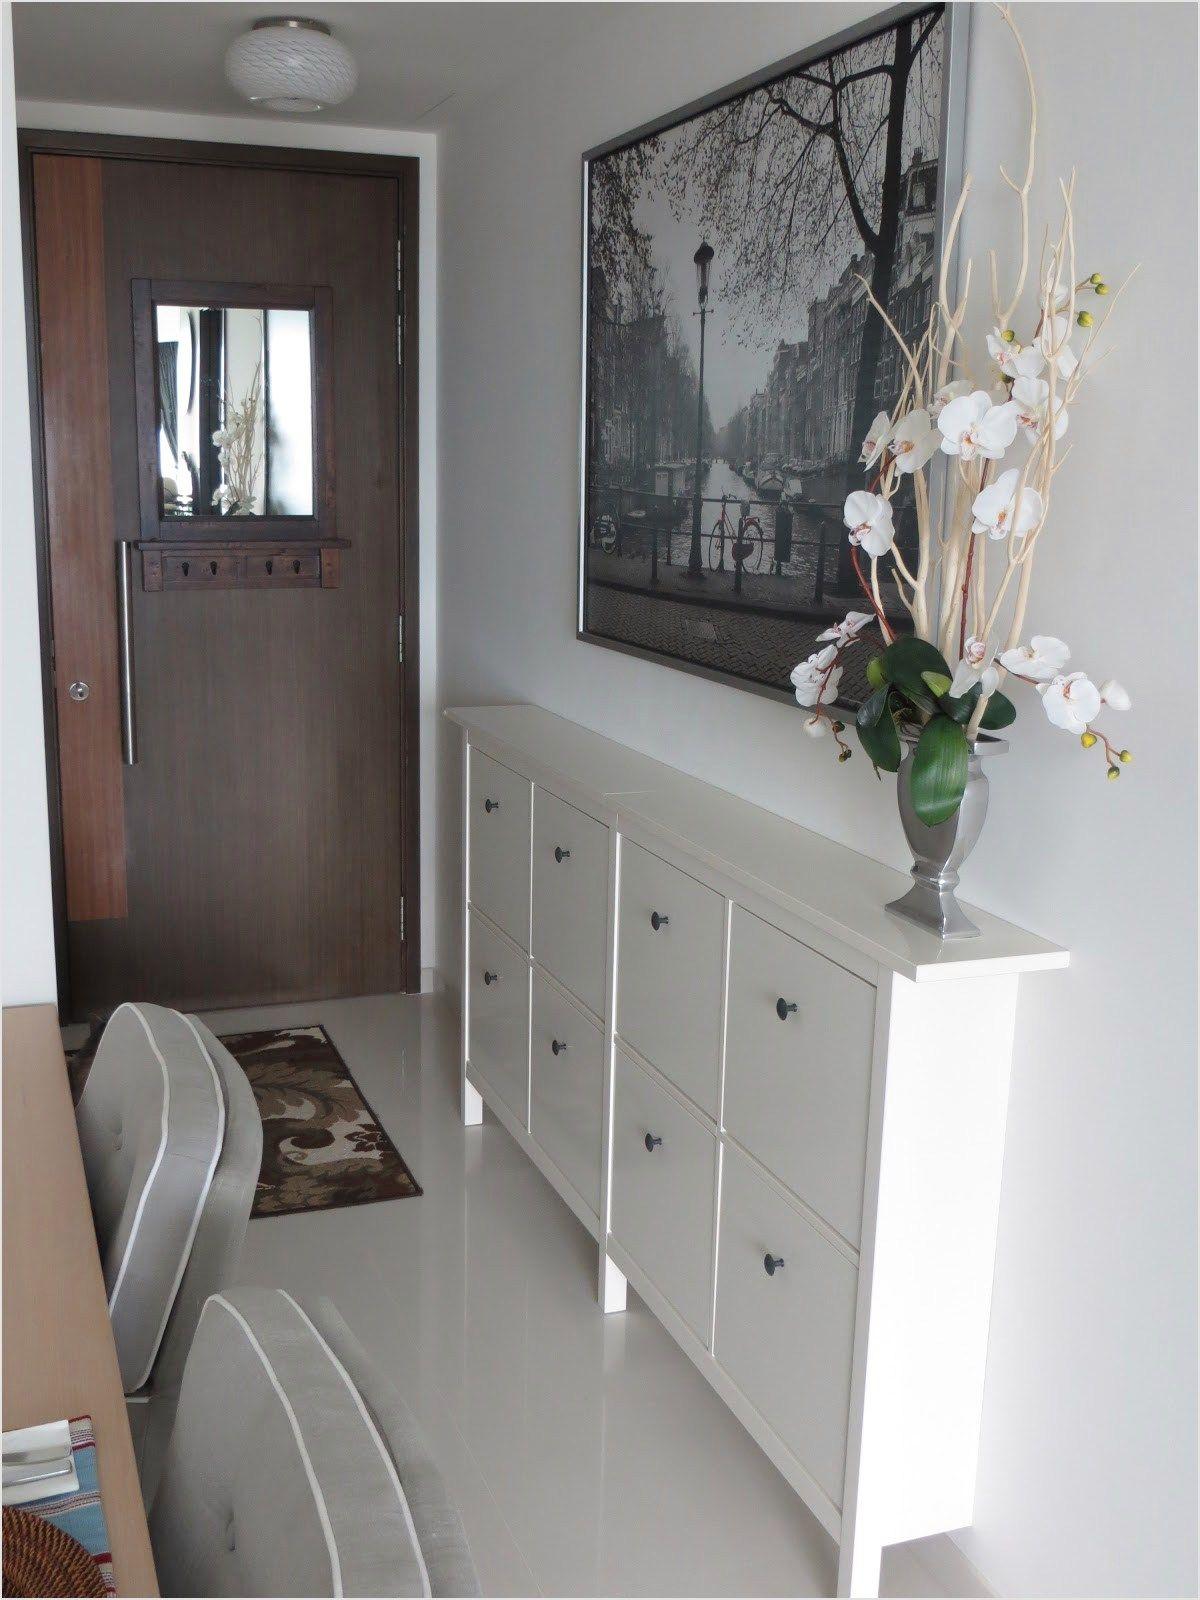 40 Stunning Small Narrow Foyer Ideas 64 Narrow Small Entryway Shoe